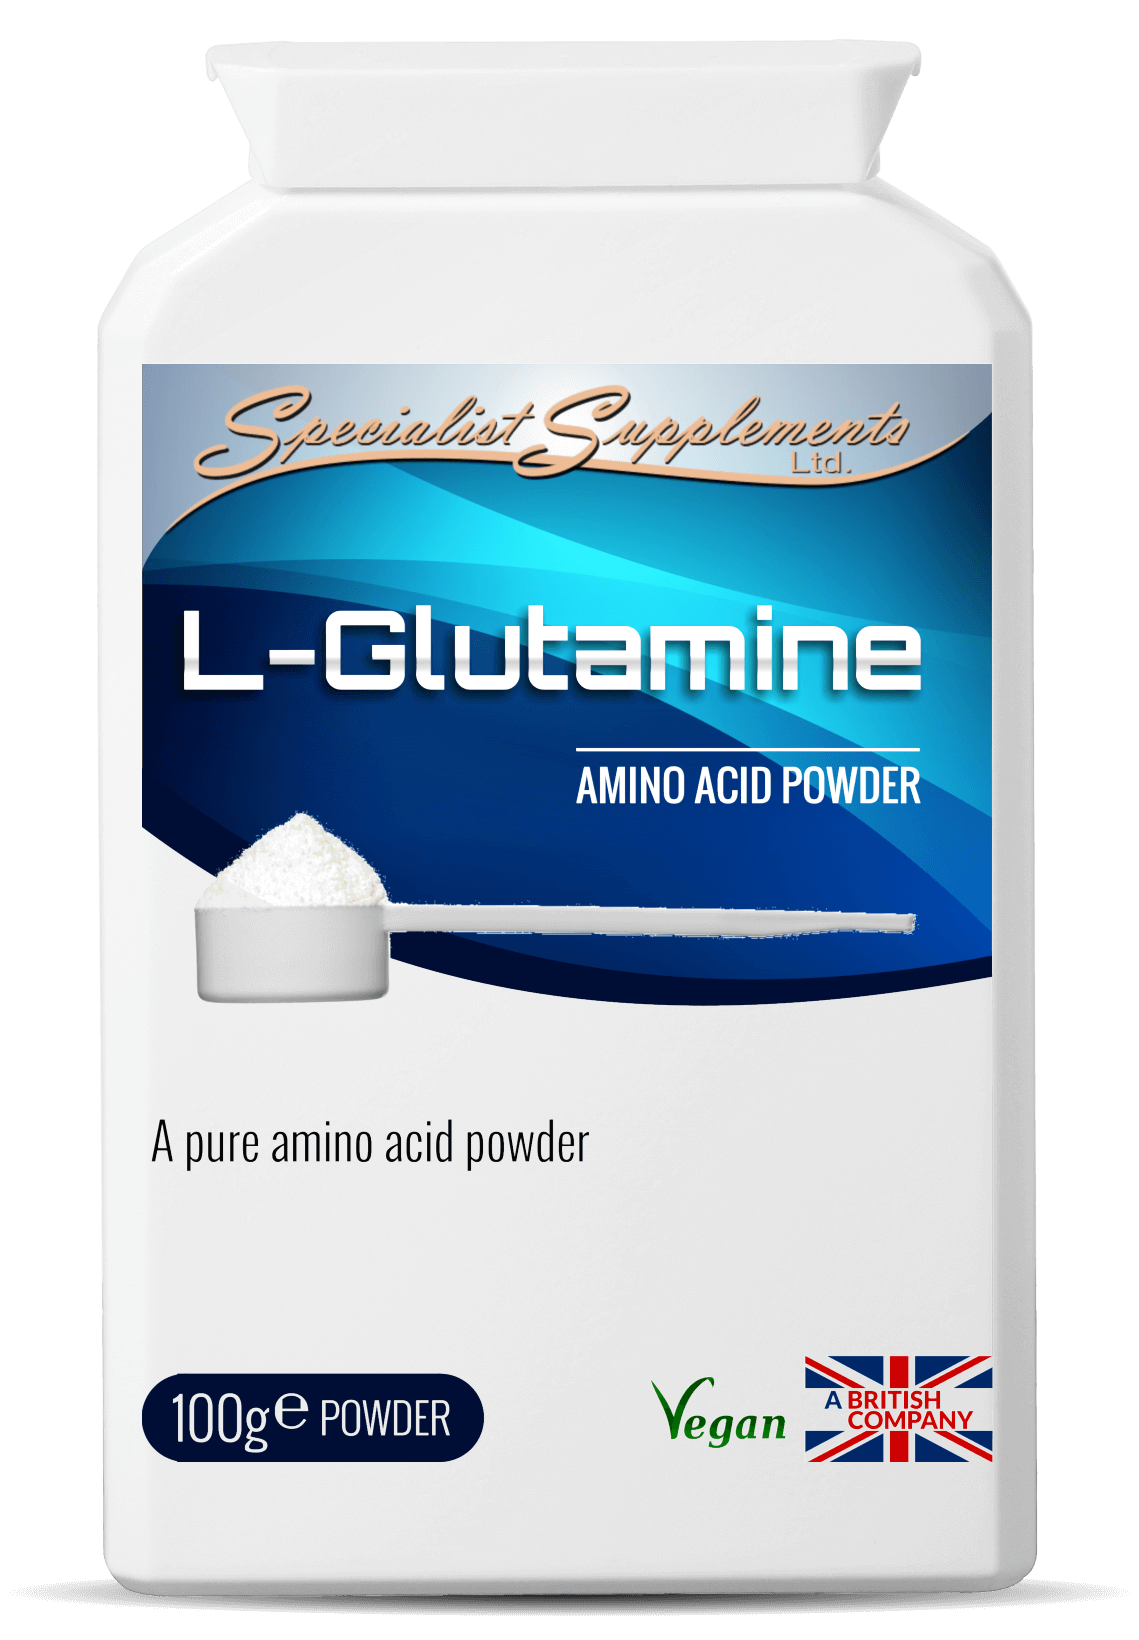 L-Glutamine 100g